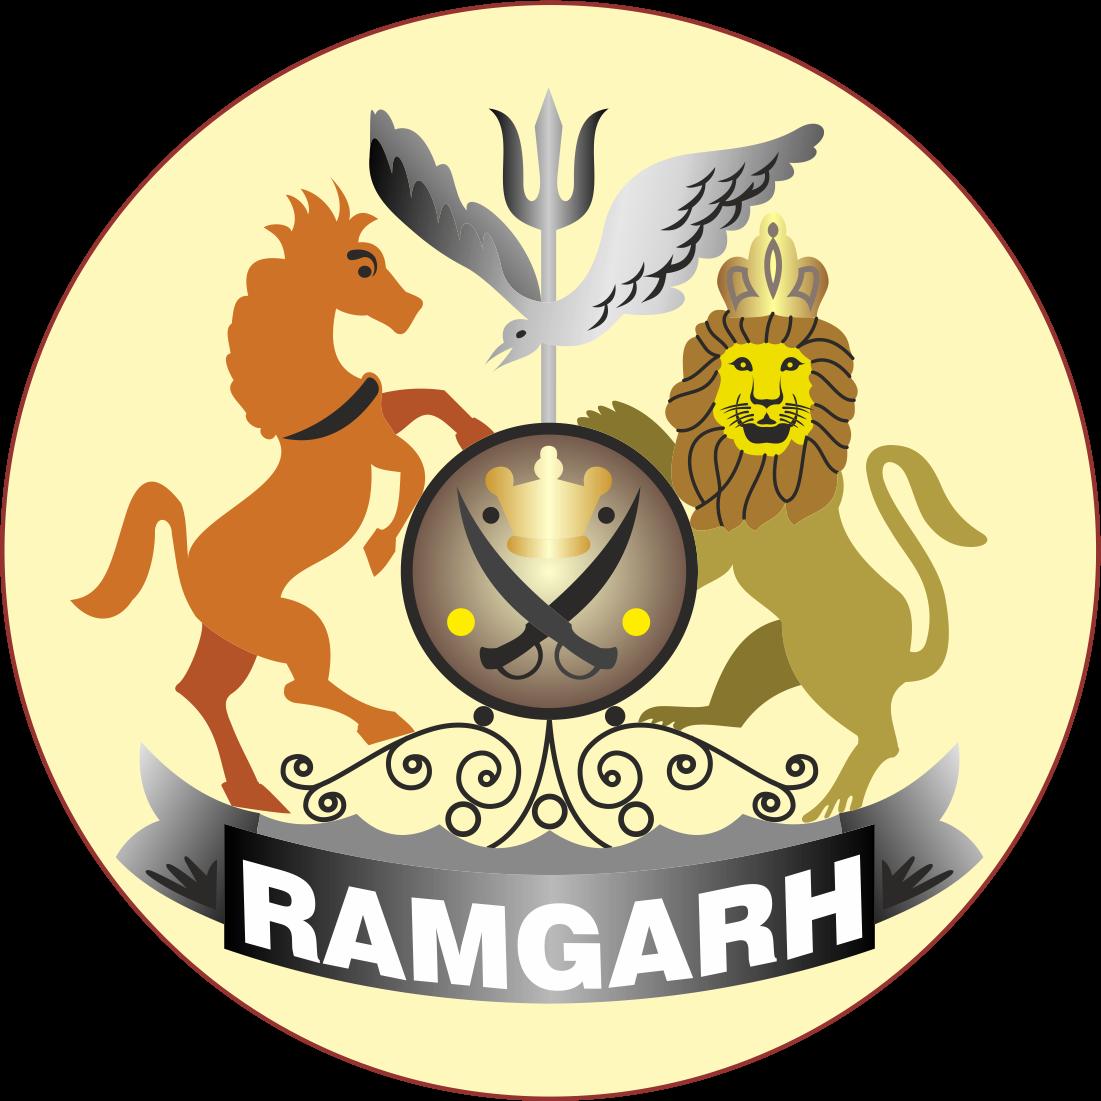 Ramgarh Golf Range Logo